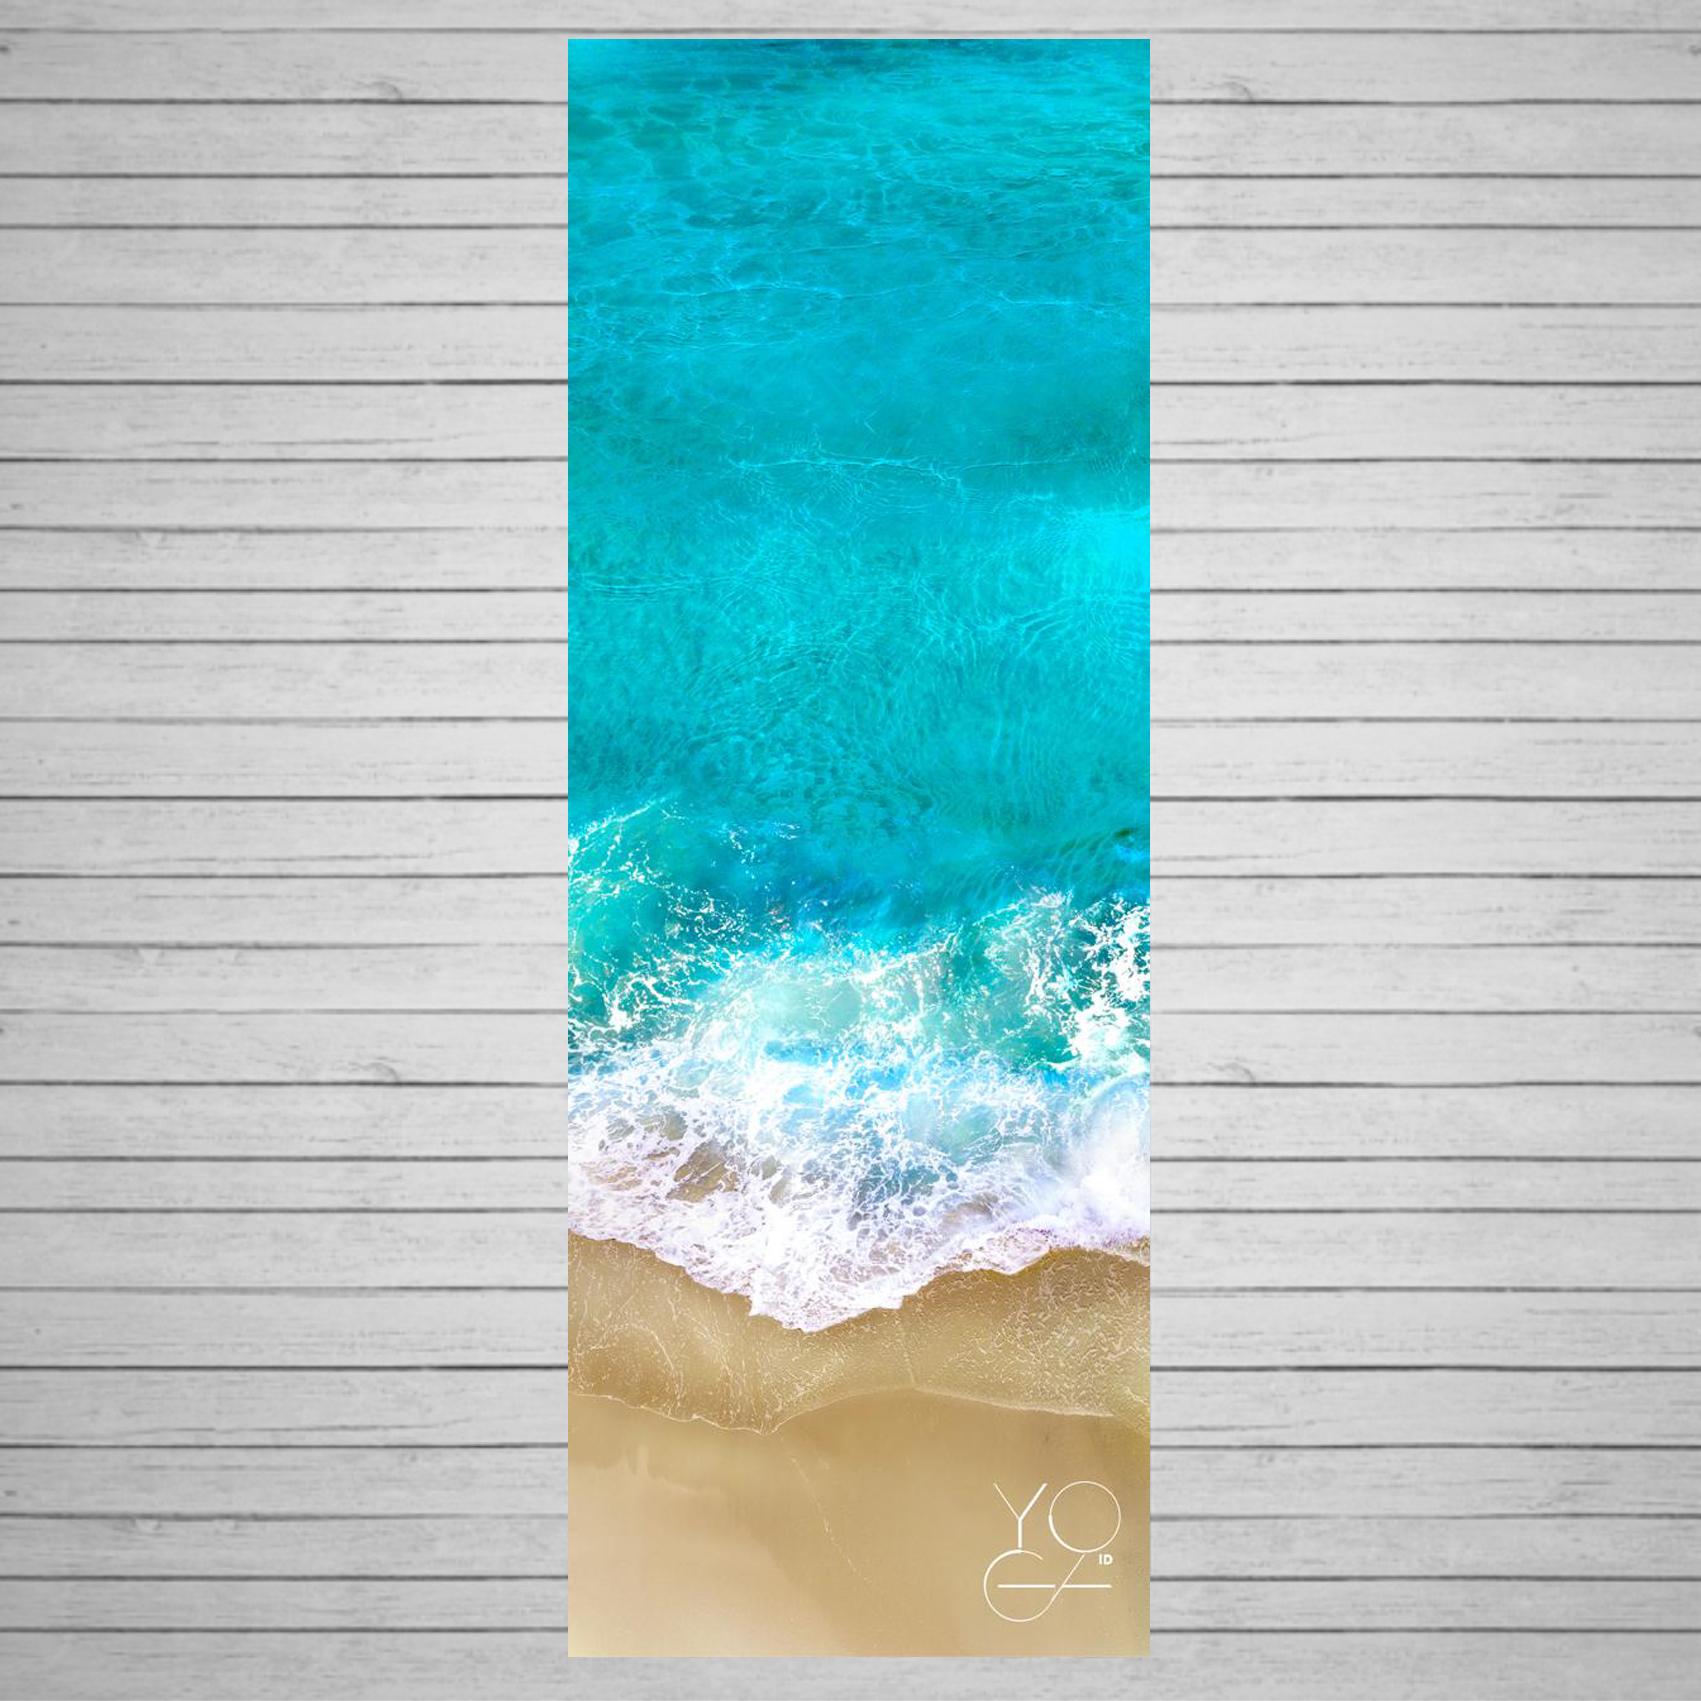 Коврик для йоги Ocean ID из микрофибры и каучука (2,3 кг, 173 см, 3 мм, 61см) цена